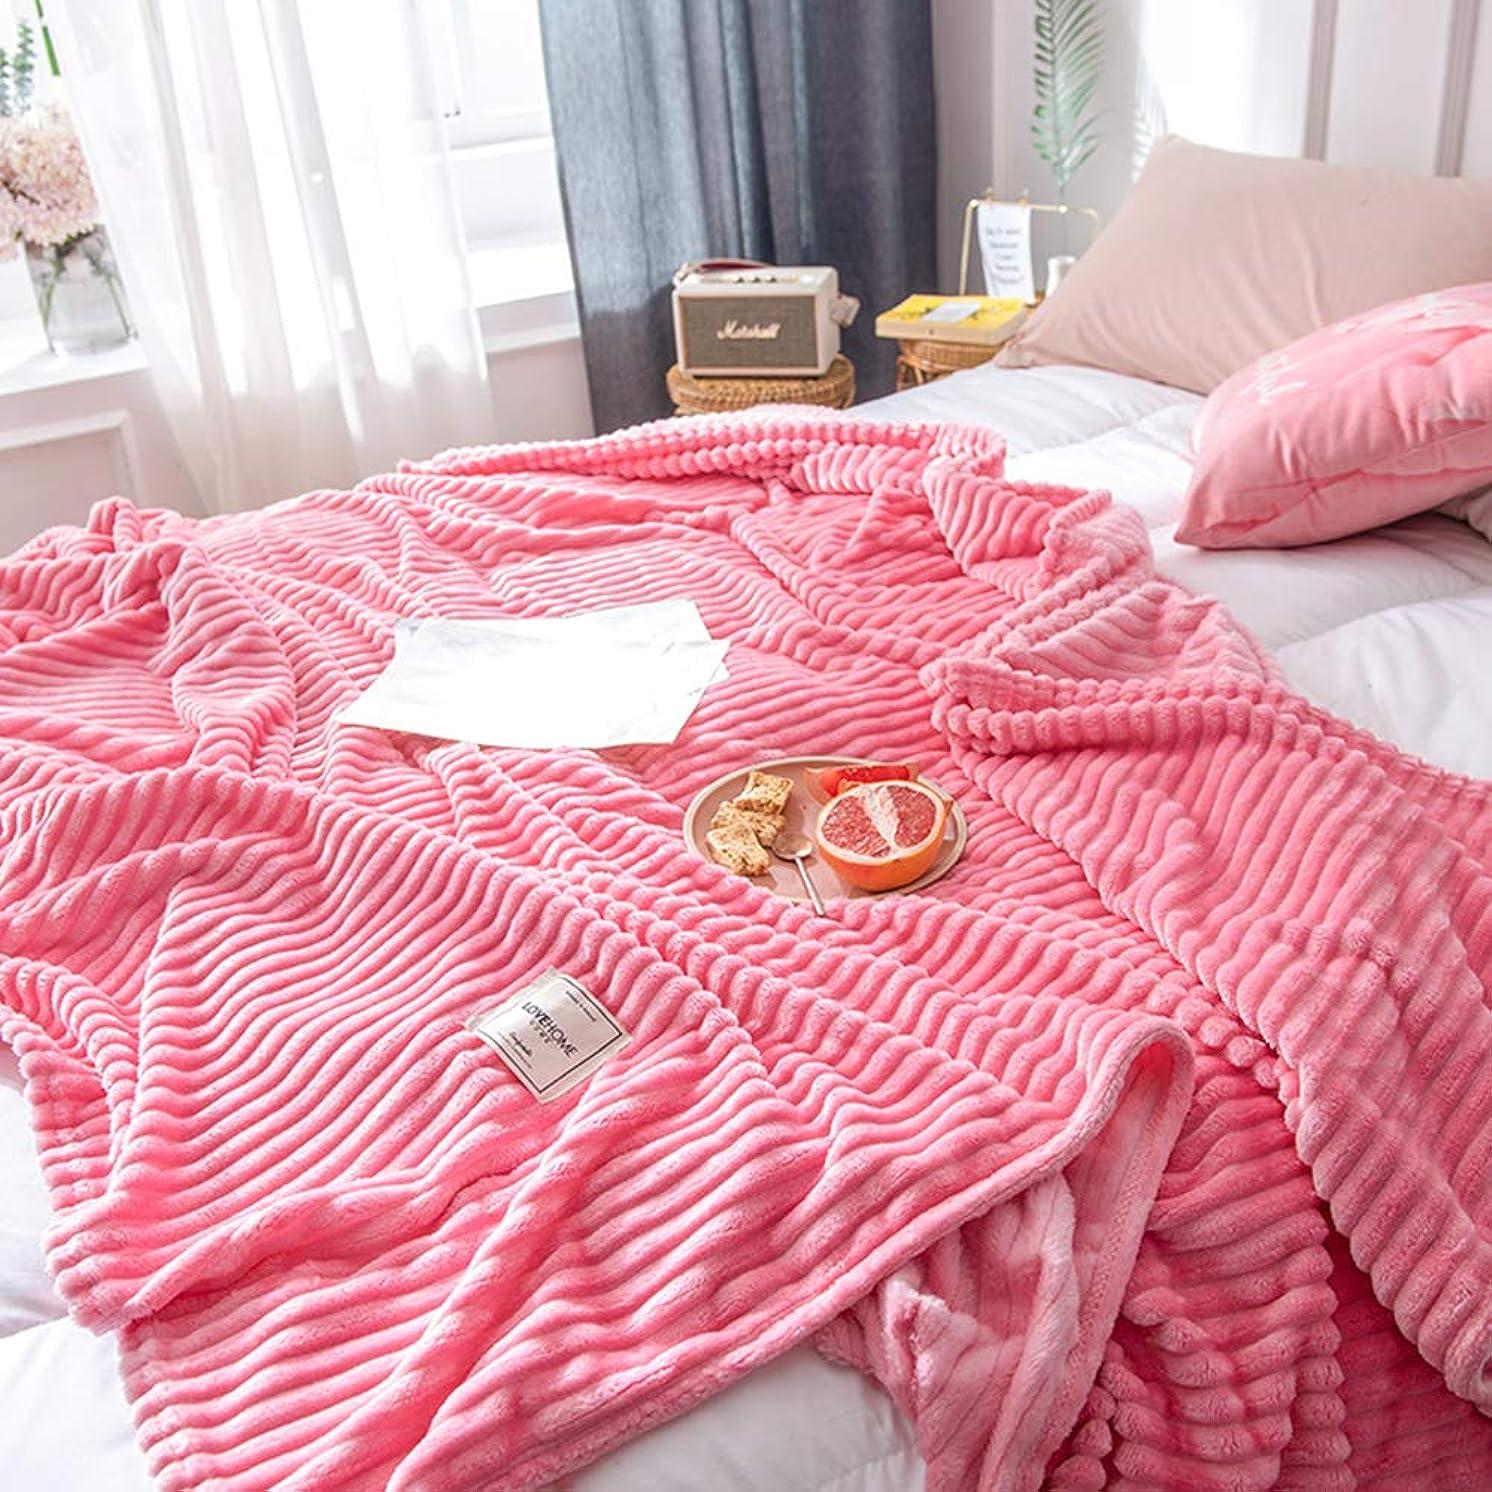 観光に行く速度アルミニウム夏用毛布 ふわふわ 柔らかく肌触り 軽くて暖かい おしゃれ オールシーズン 洗える